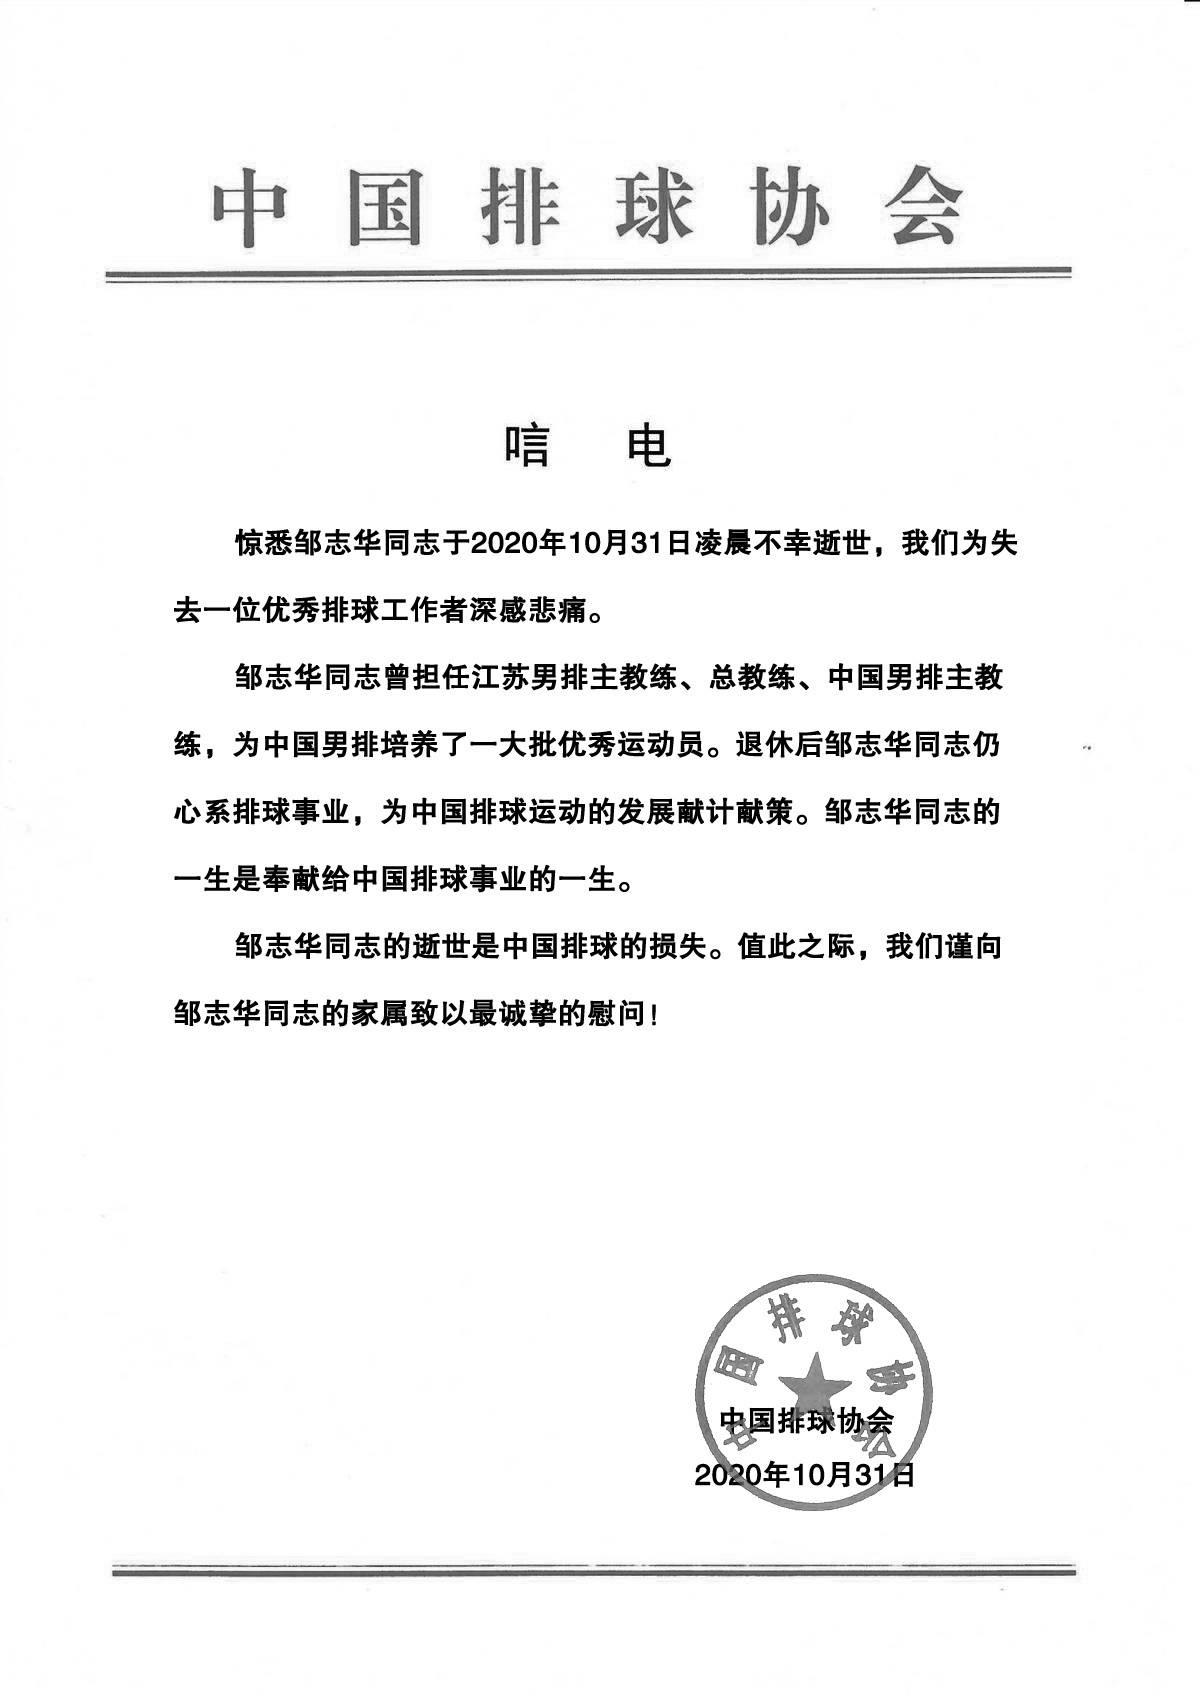 男排前主教练邹志华逝世 中国排球协会发唁电